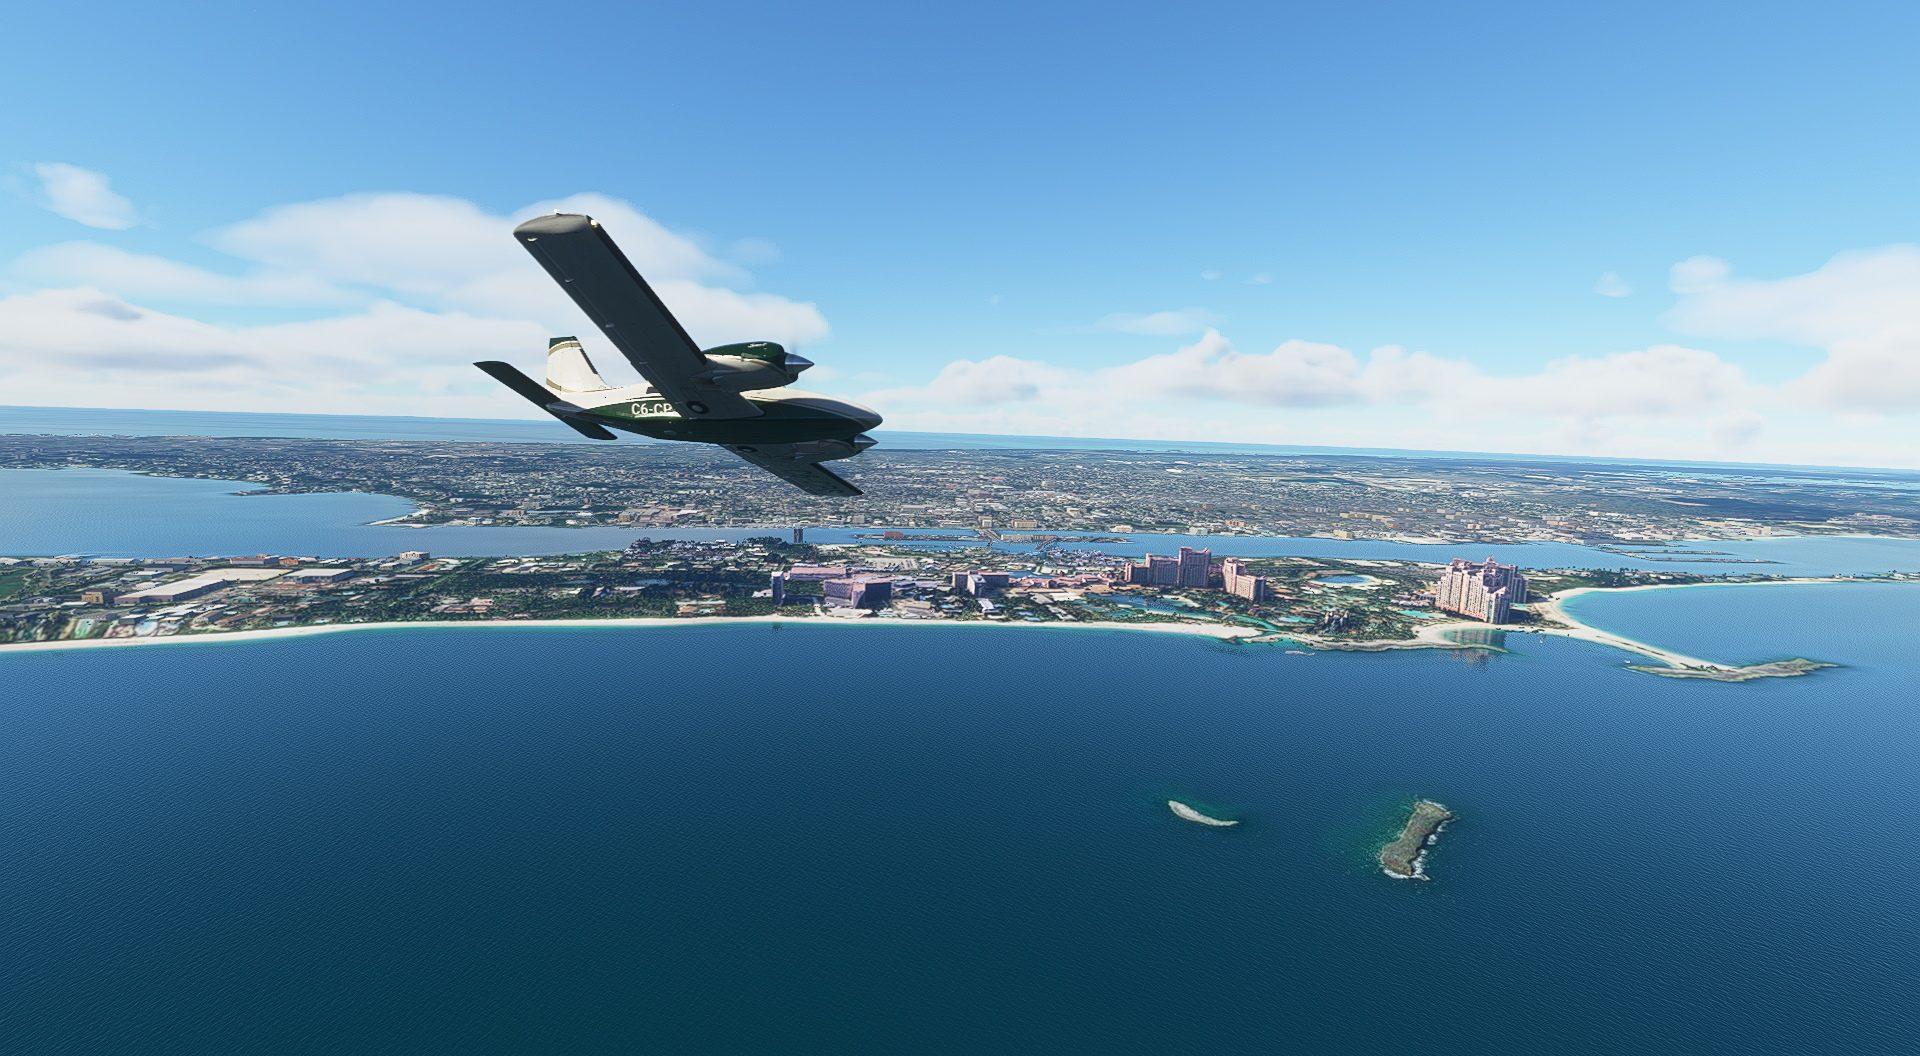 Microsoft Flight Simulator Carenado Pa34t Seneca V Atlantis Ascent